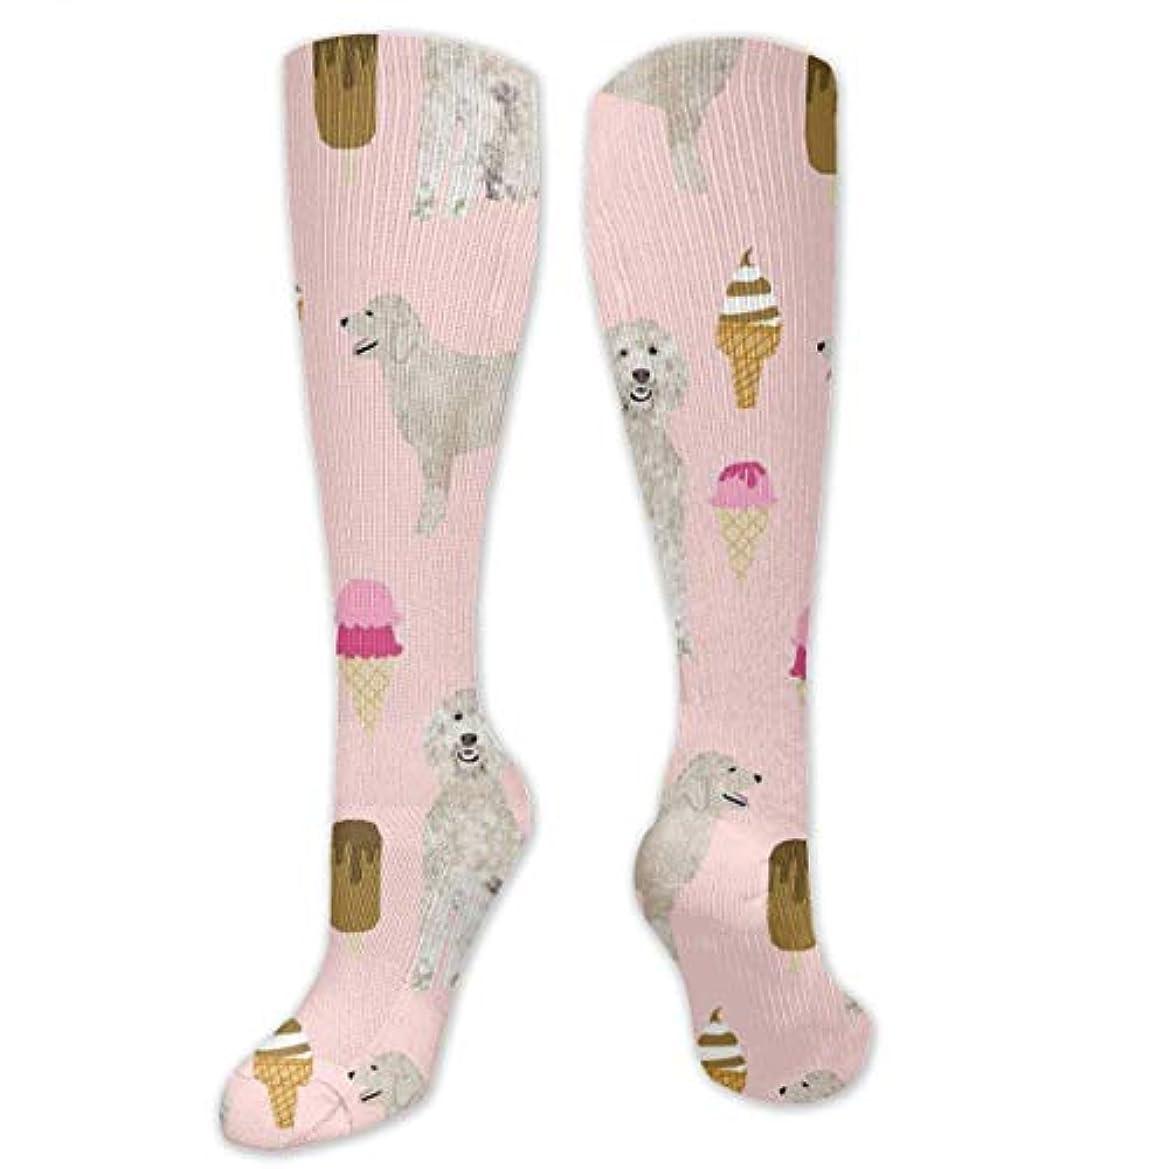 アイスクリームワイプ許さない靴下,ストッキング,野生のジョーカー,実際,秋の本質,冬必須,サマーウェア&RBXAA Golden Doodle Ice Cream Socks Women's Winter Cotton Long Tube Socks...